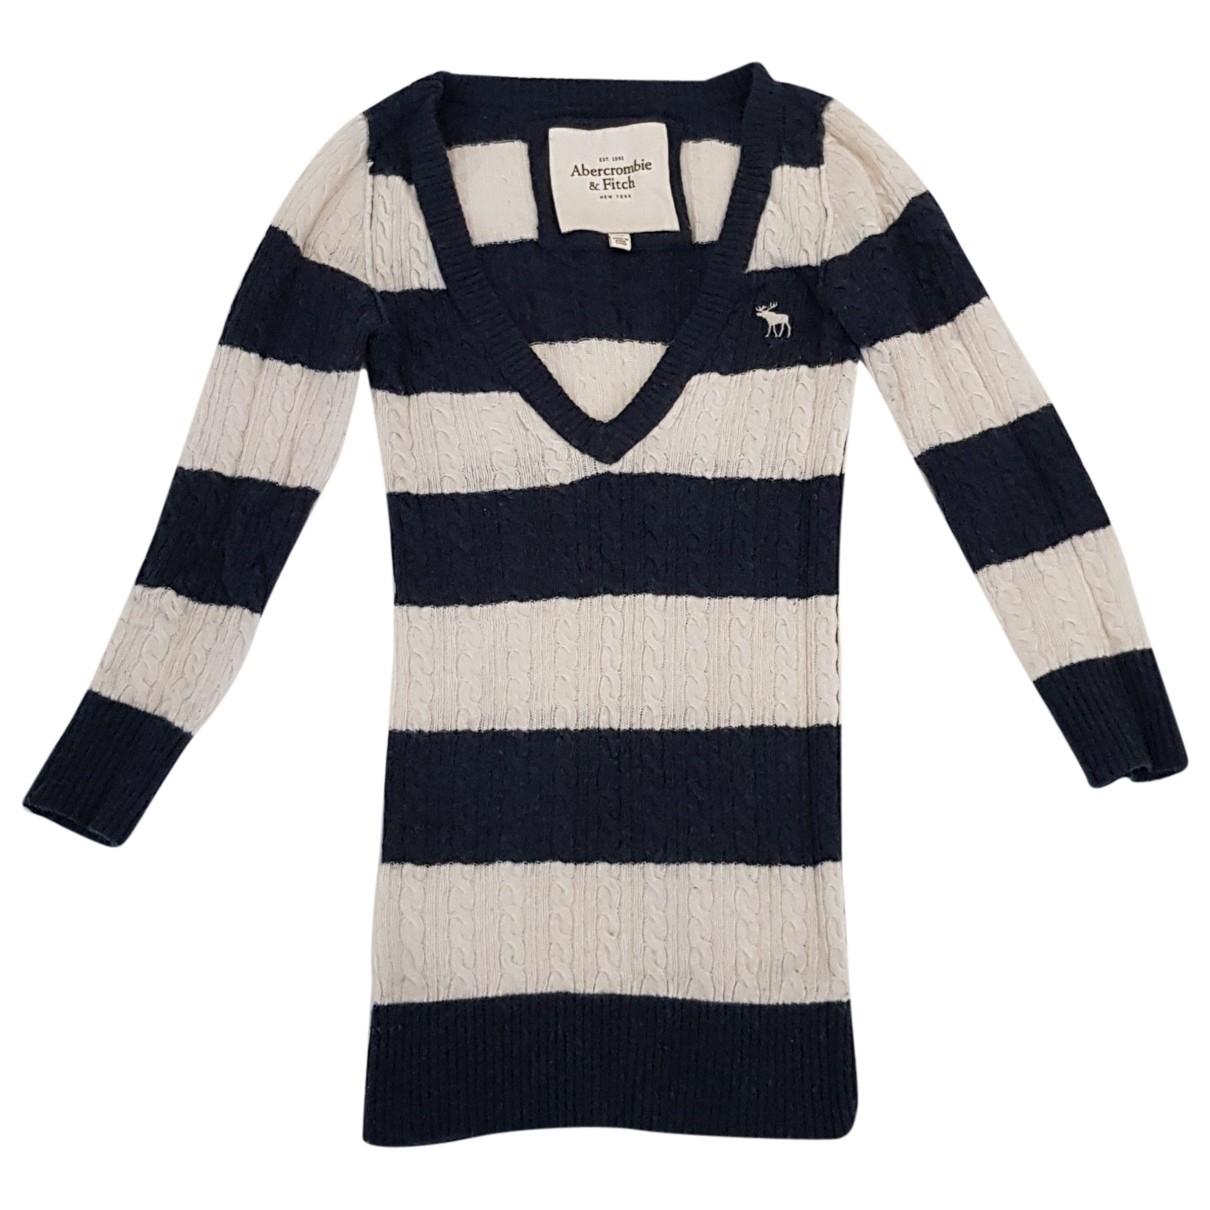 Abercrombie & Fitch \N Navy Knitwear for Women XS International